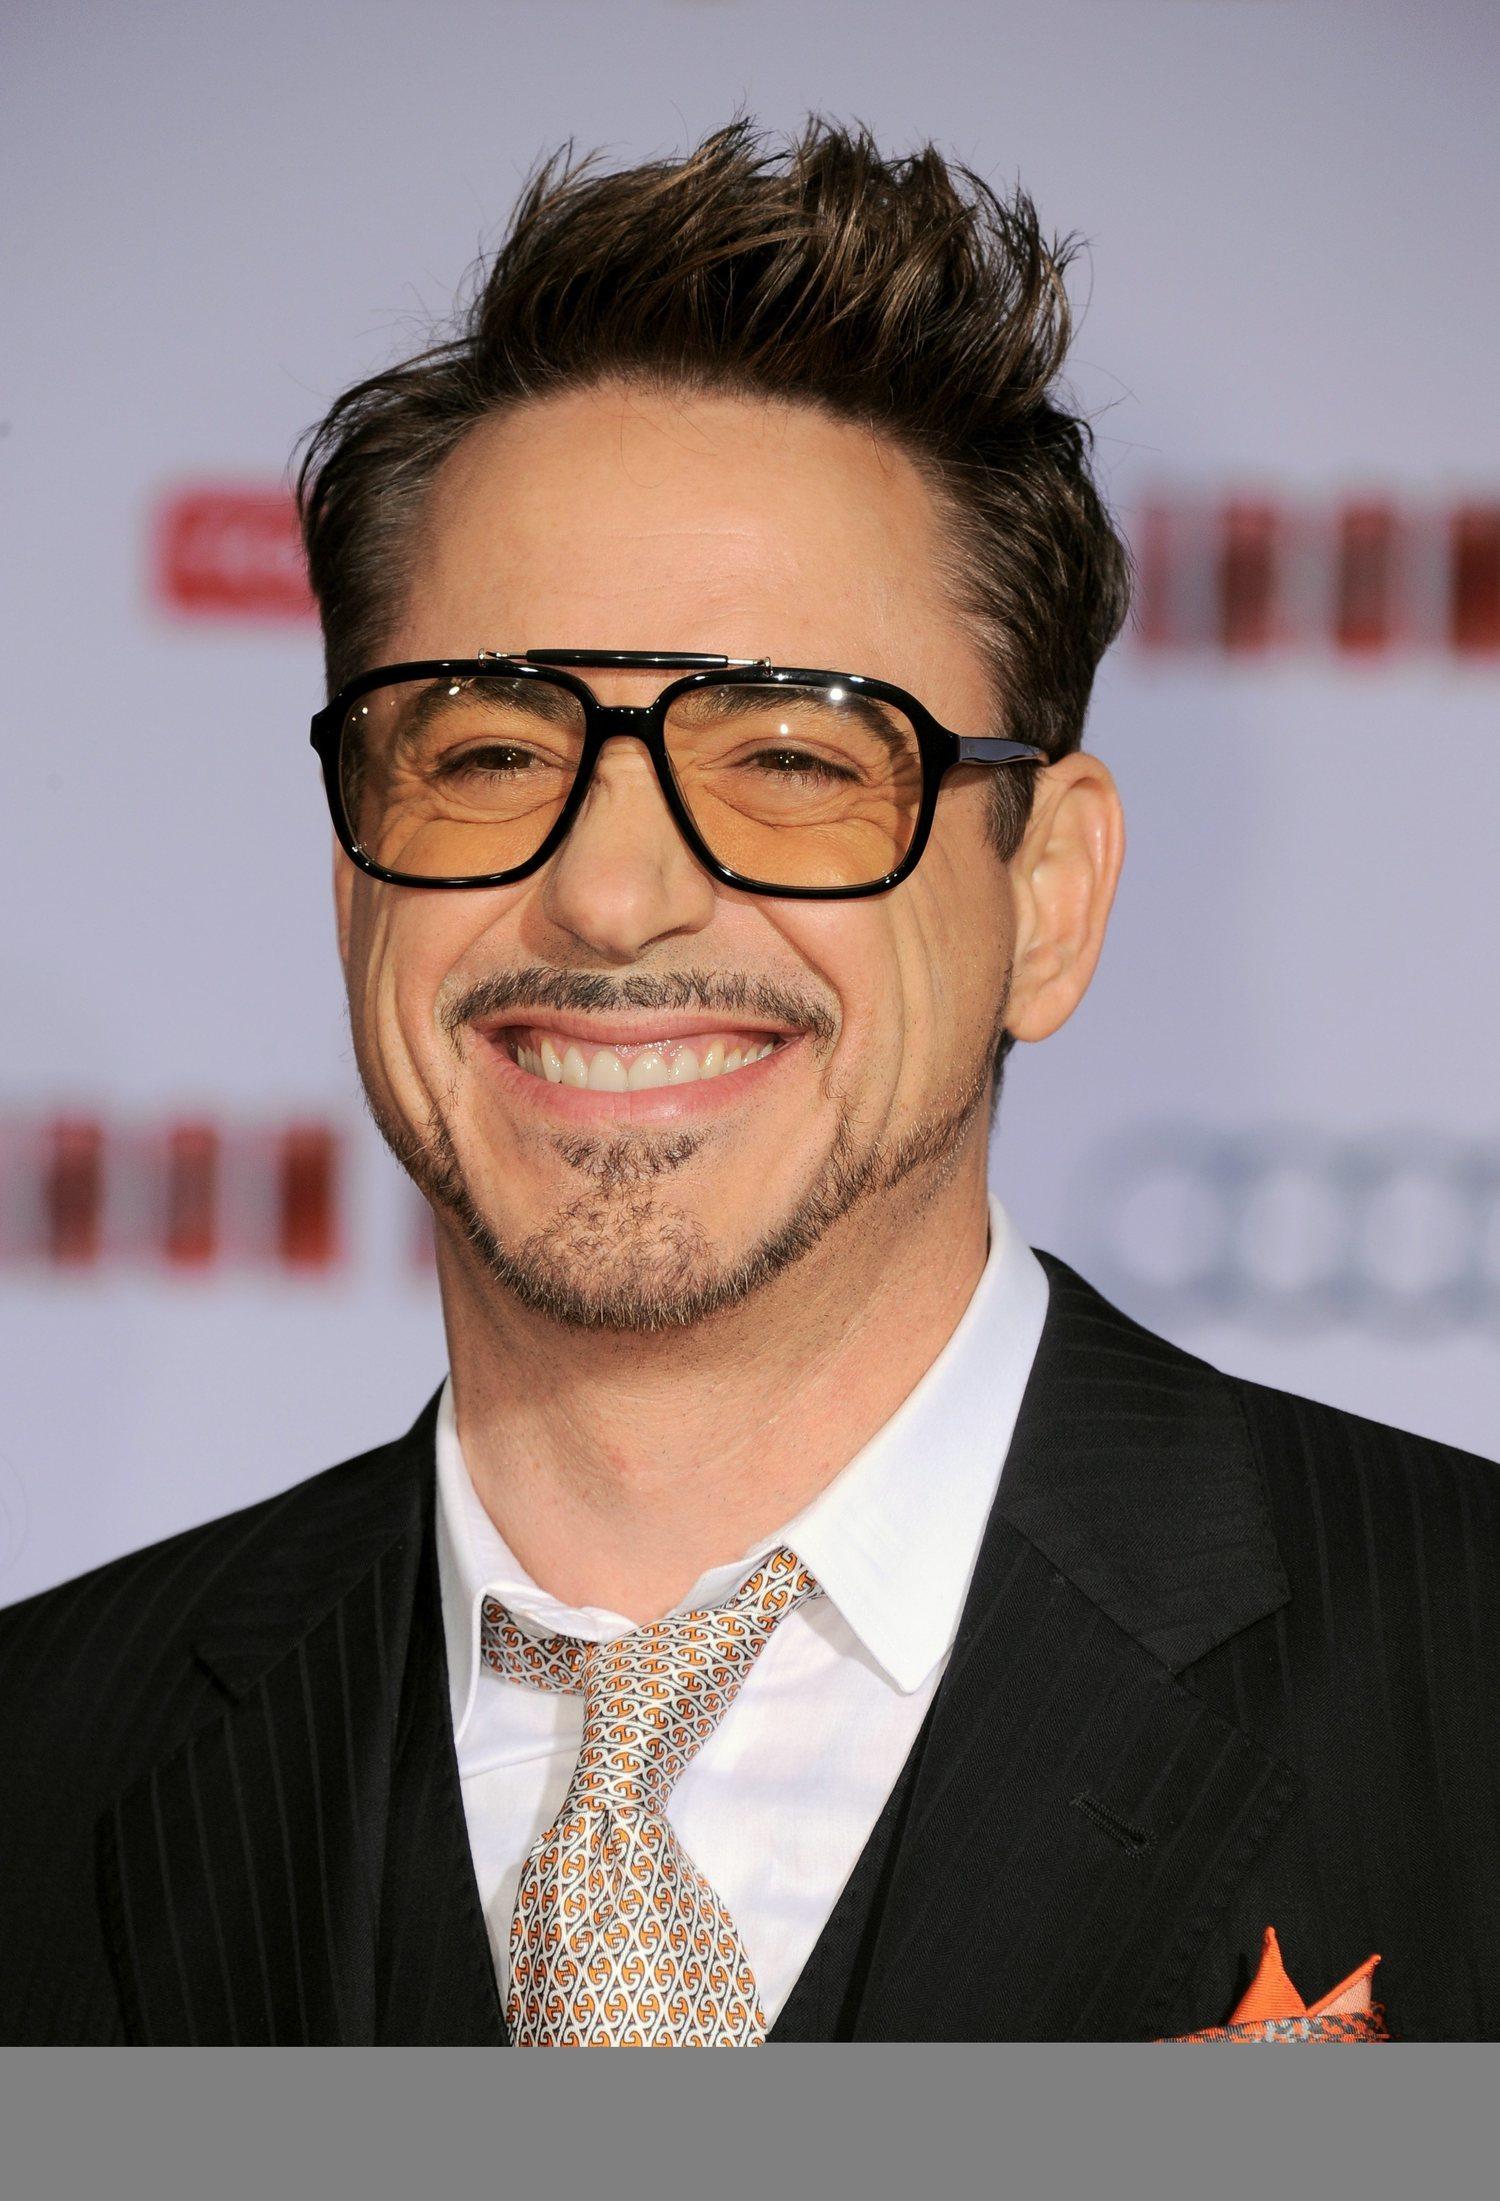 Robert Downey Jr. ha dado su propio estilo al tupé.